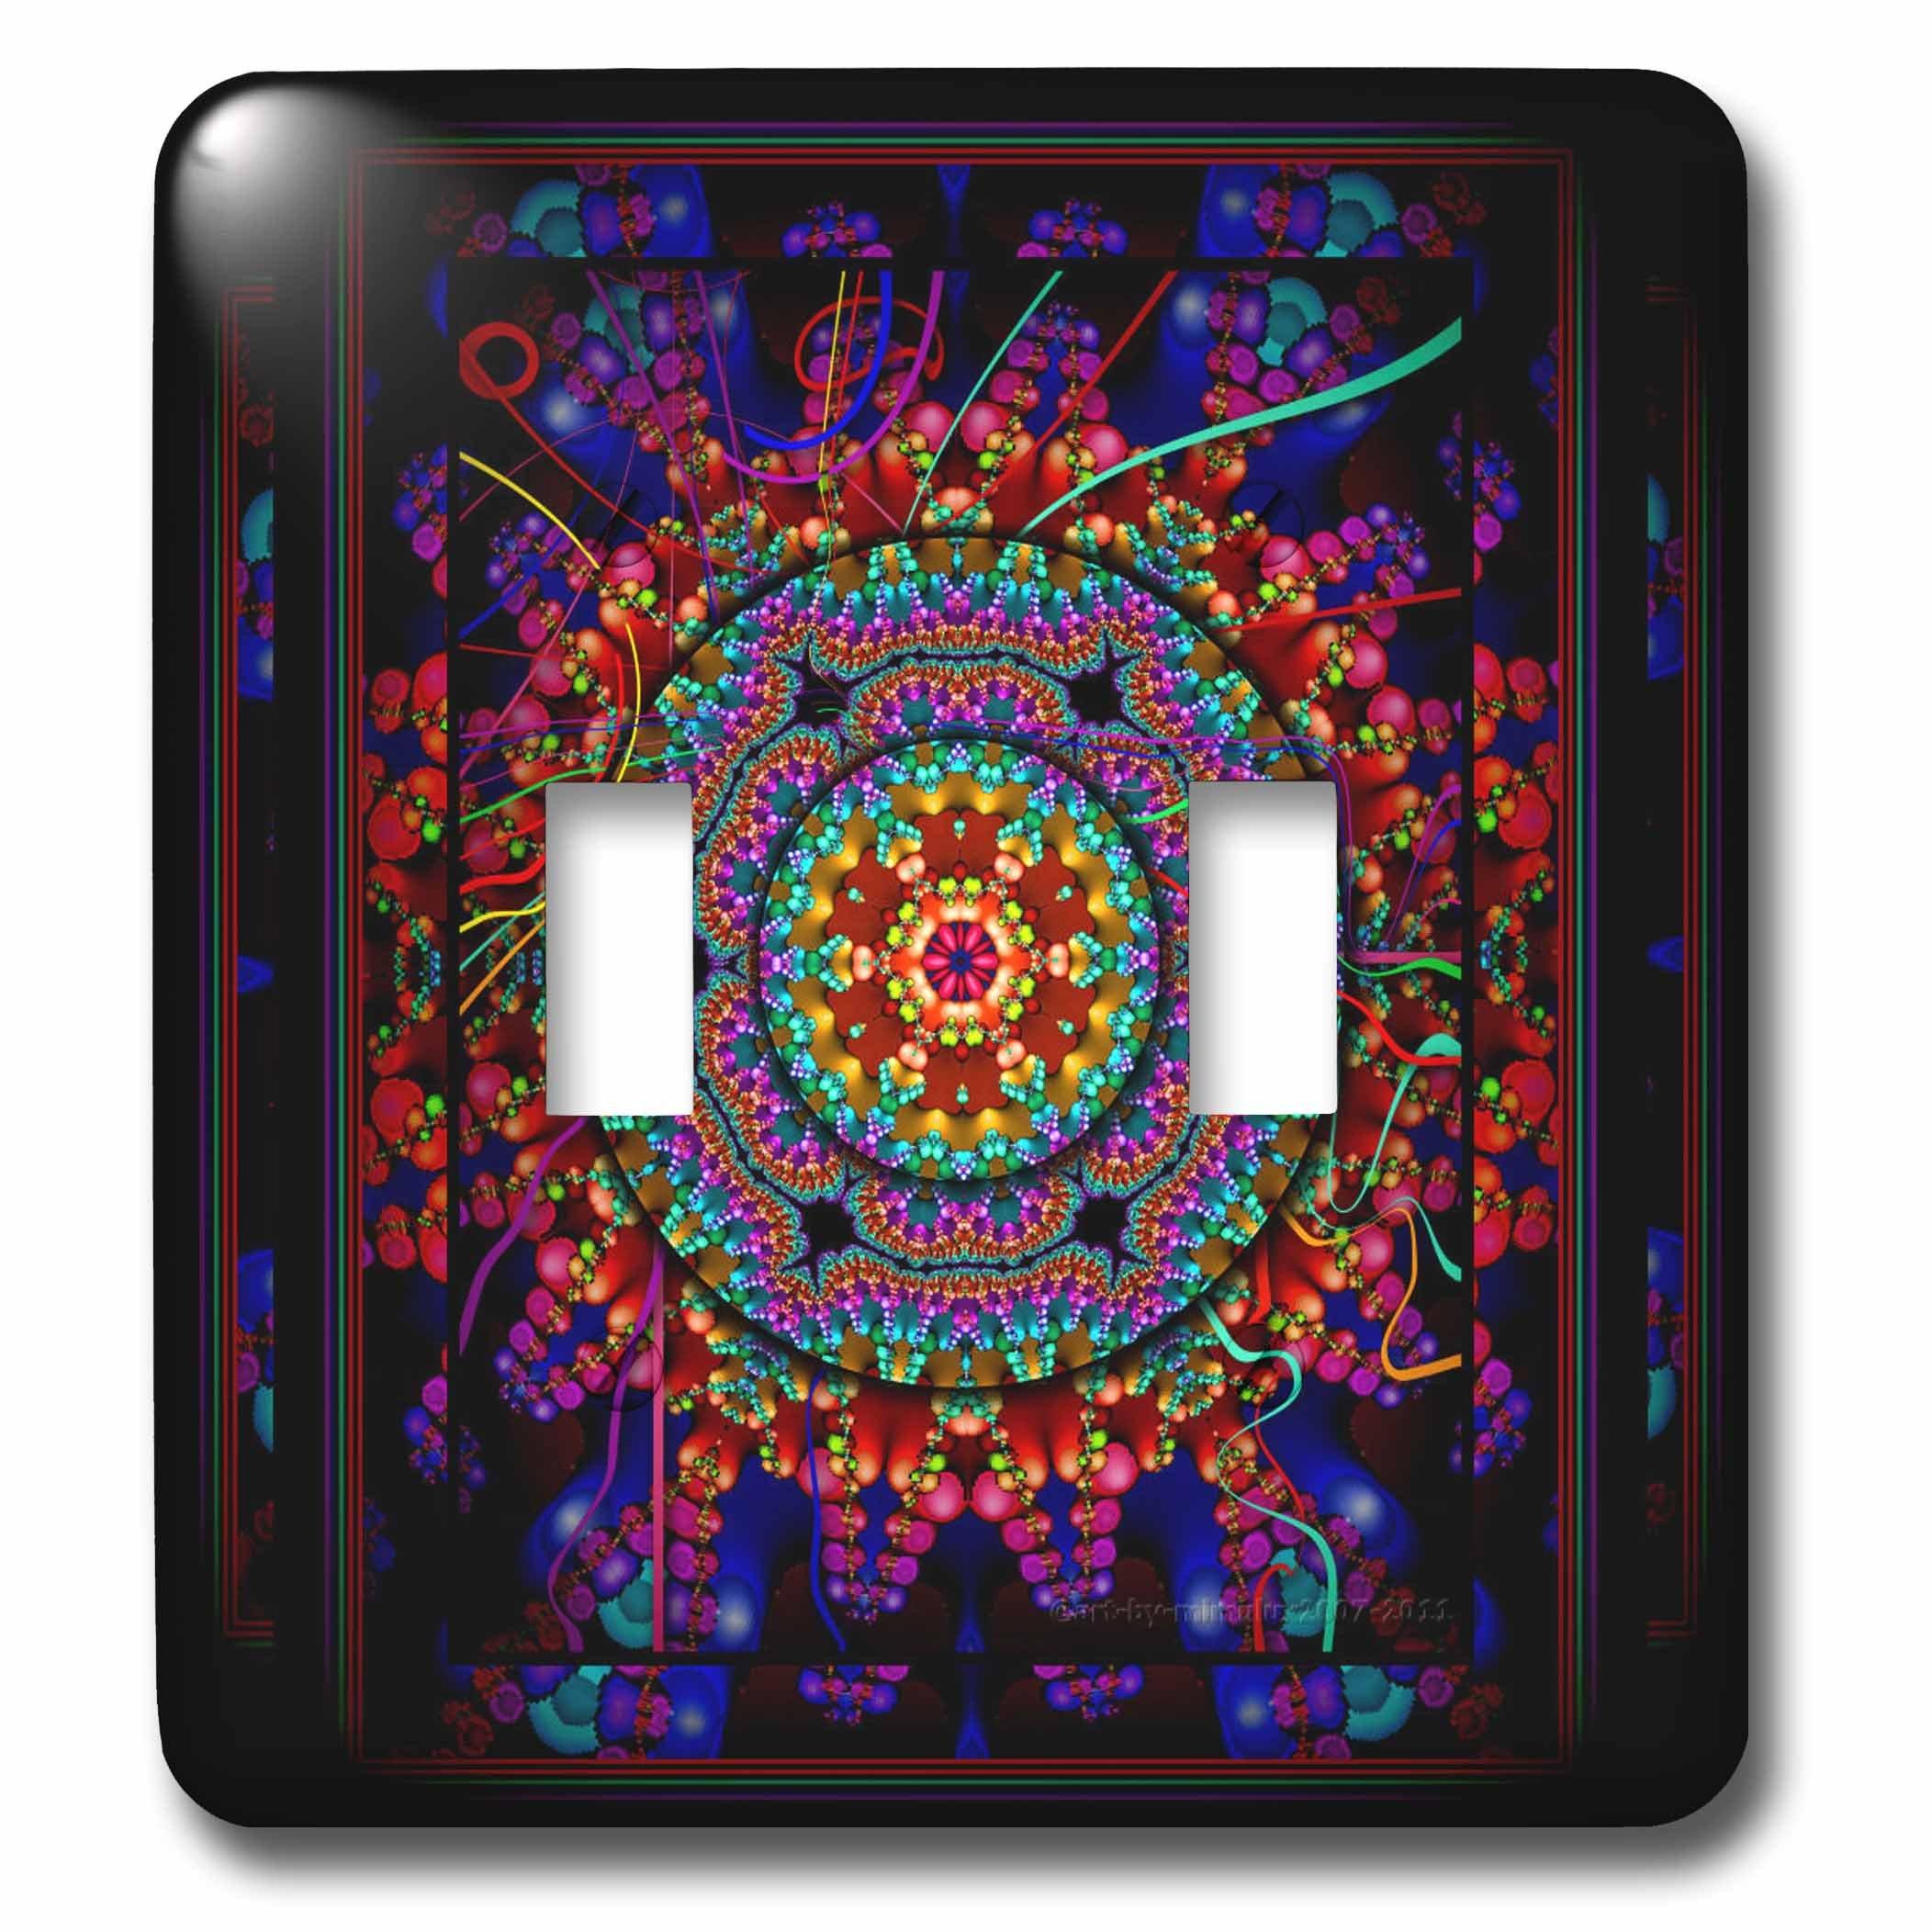 3dRose lsp_24832_2 Mandala 4 Mandala India Buddhism Hinduism Psychedelic New Age Harmony Balance Meditation Double Toggle Switch